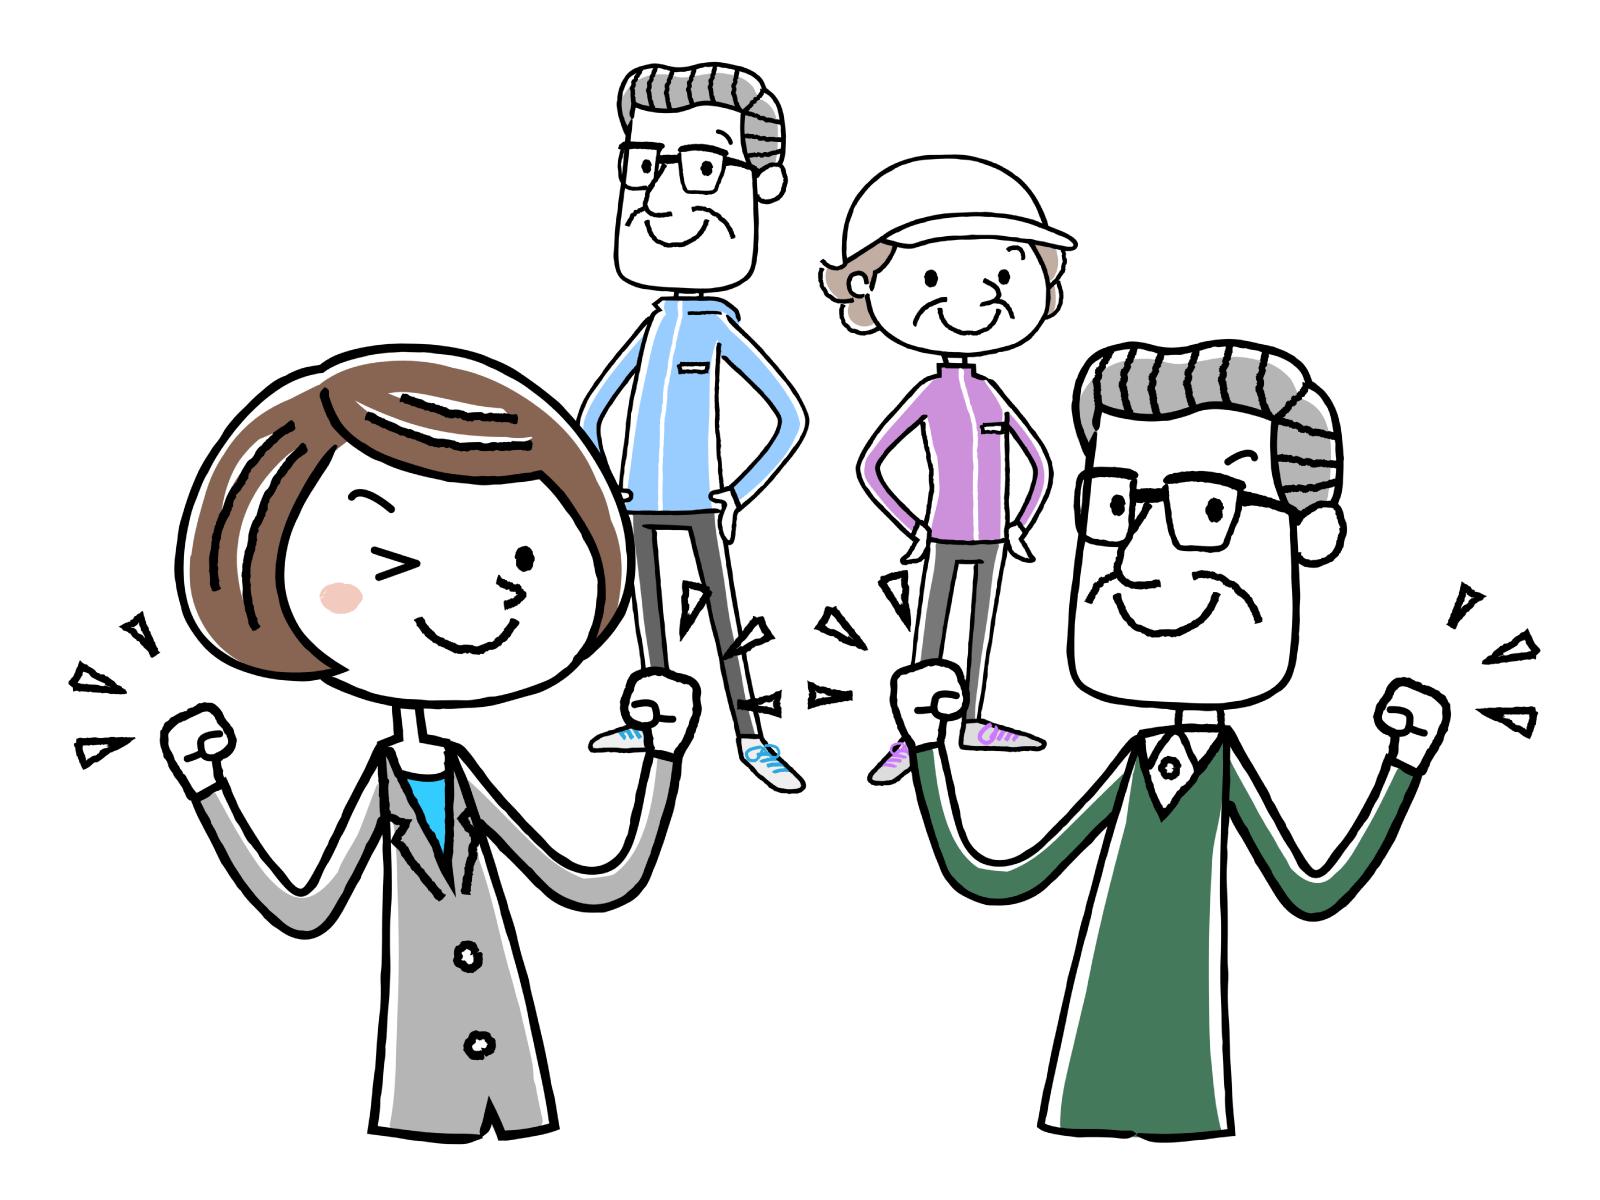 福祉用具が必要な高齢者が増えており、必要な職種のイメージイラスト